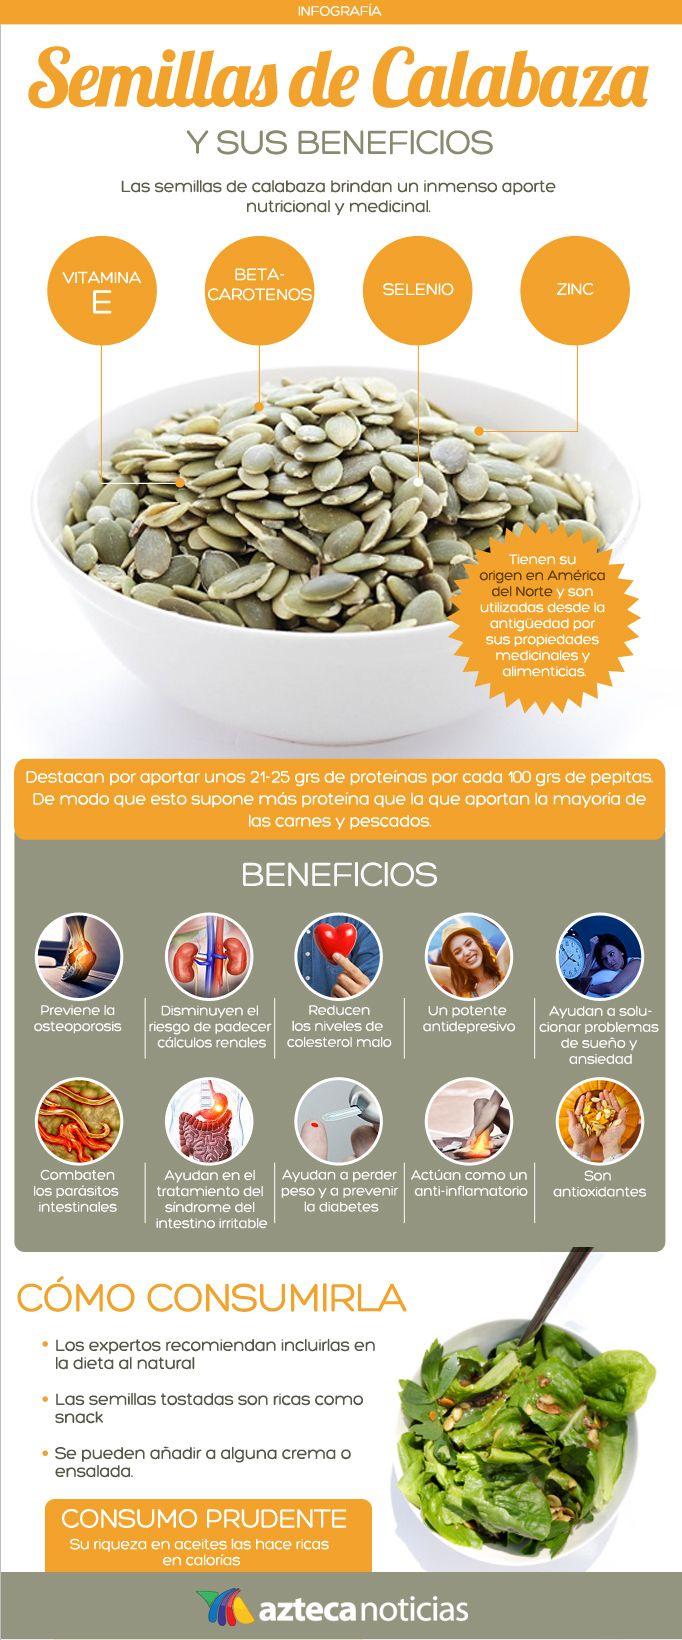 Semillas de calabaza y sus beneficios #infografia